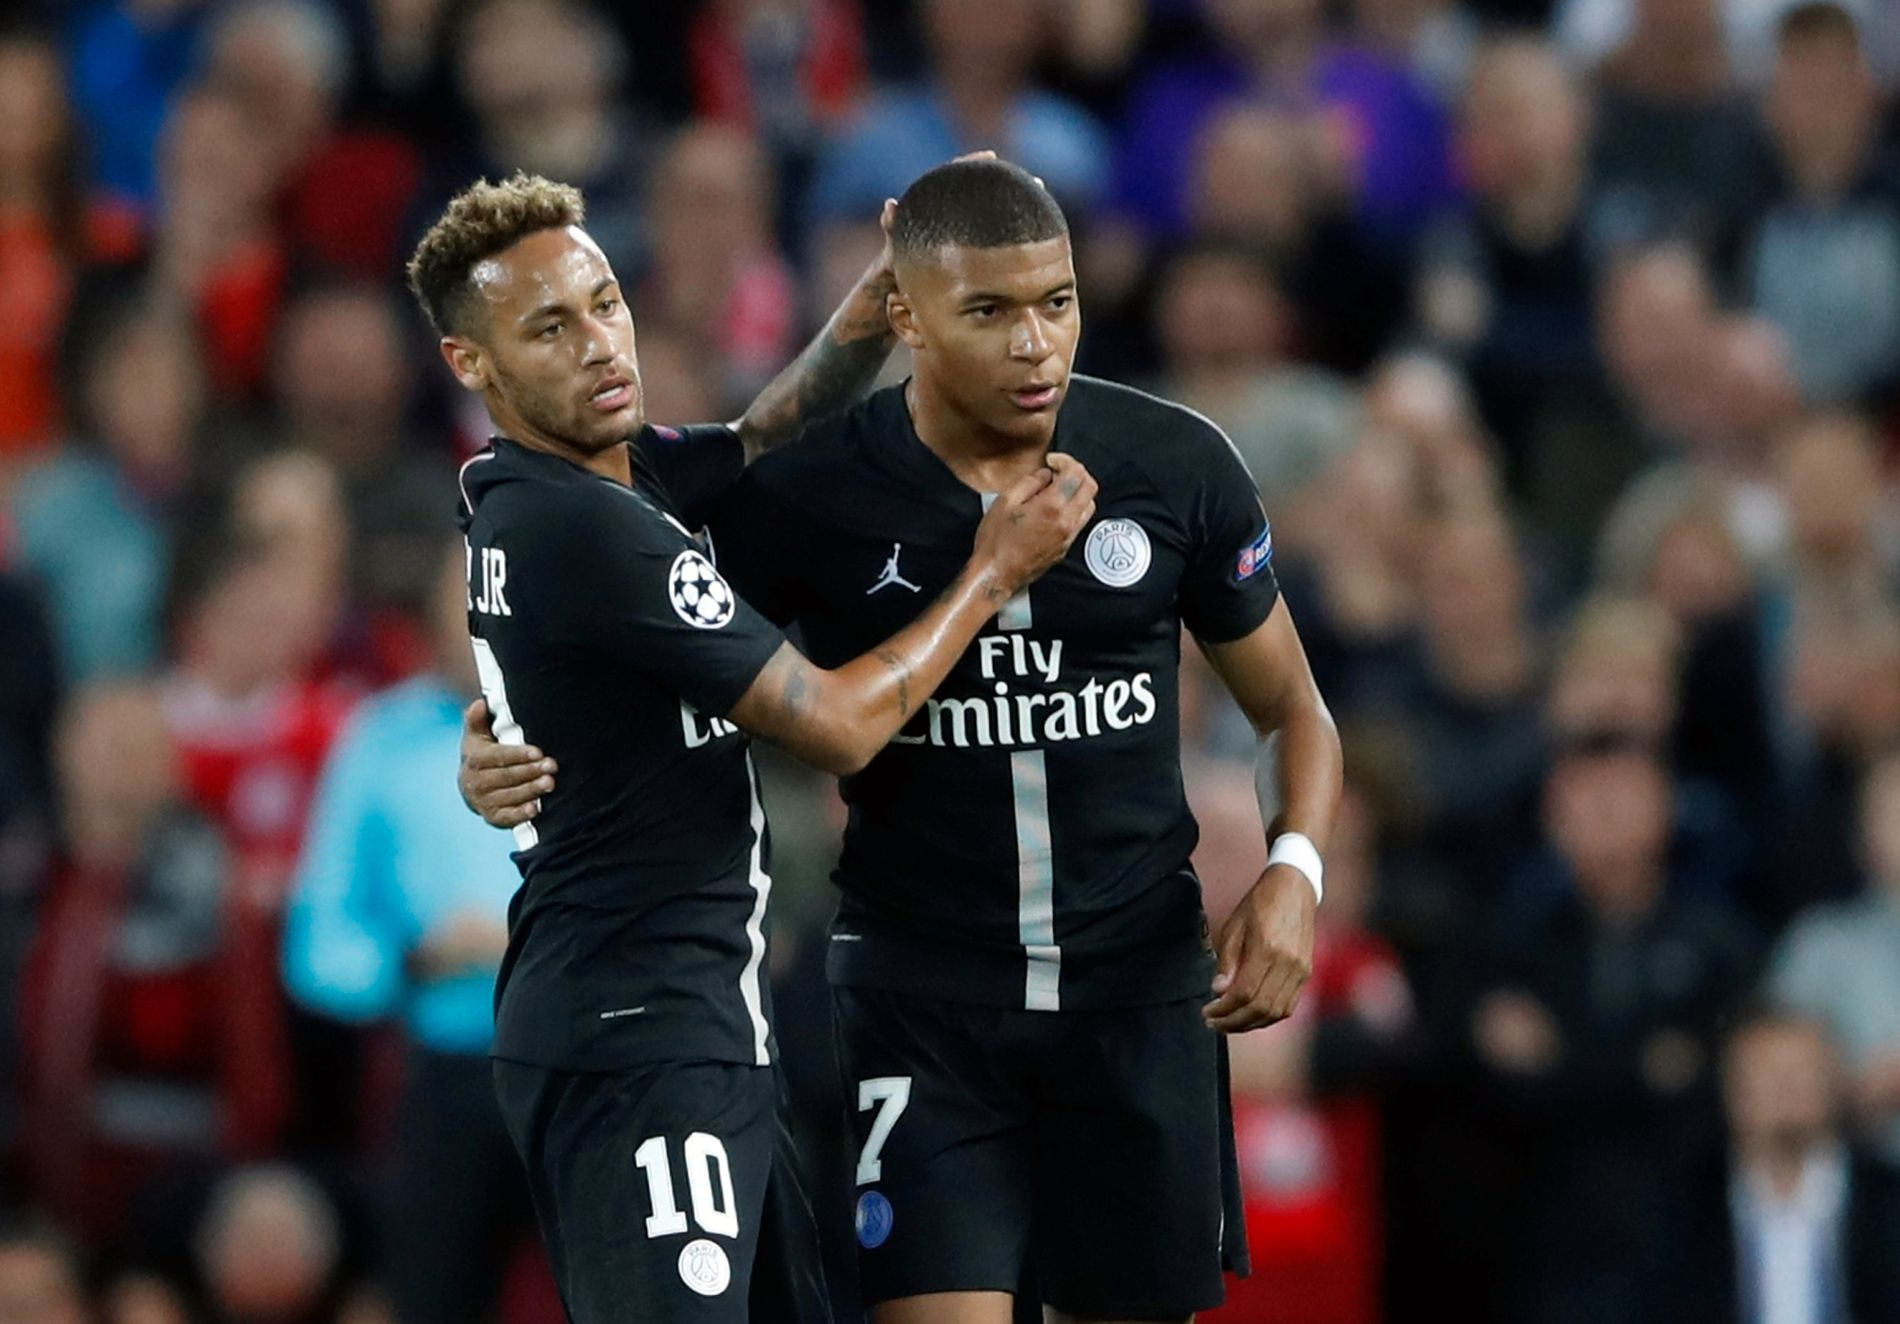 JUBELEN STILNET: Neymar og Kylian Mbappé jubler her for 2–2-scoringen de sto bak. Jubelen varte ikke lenge. Like etterpå slapp gjestene inn mål.